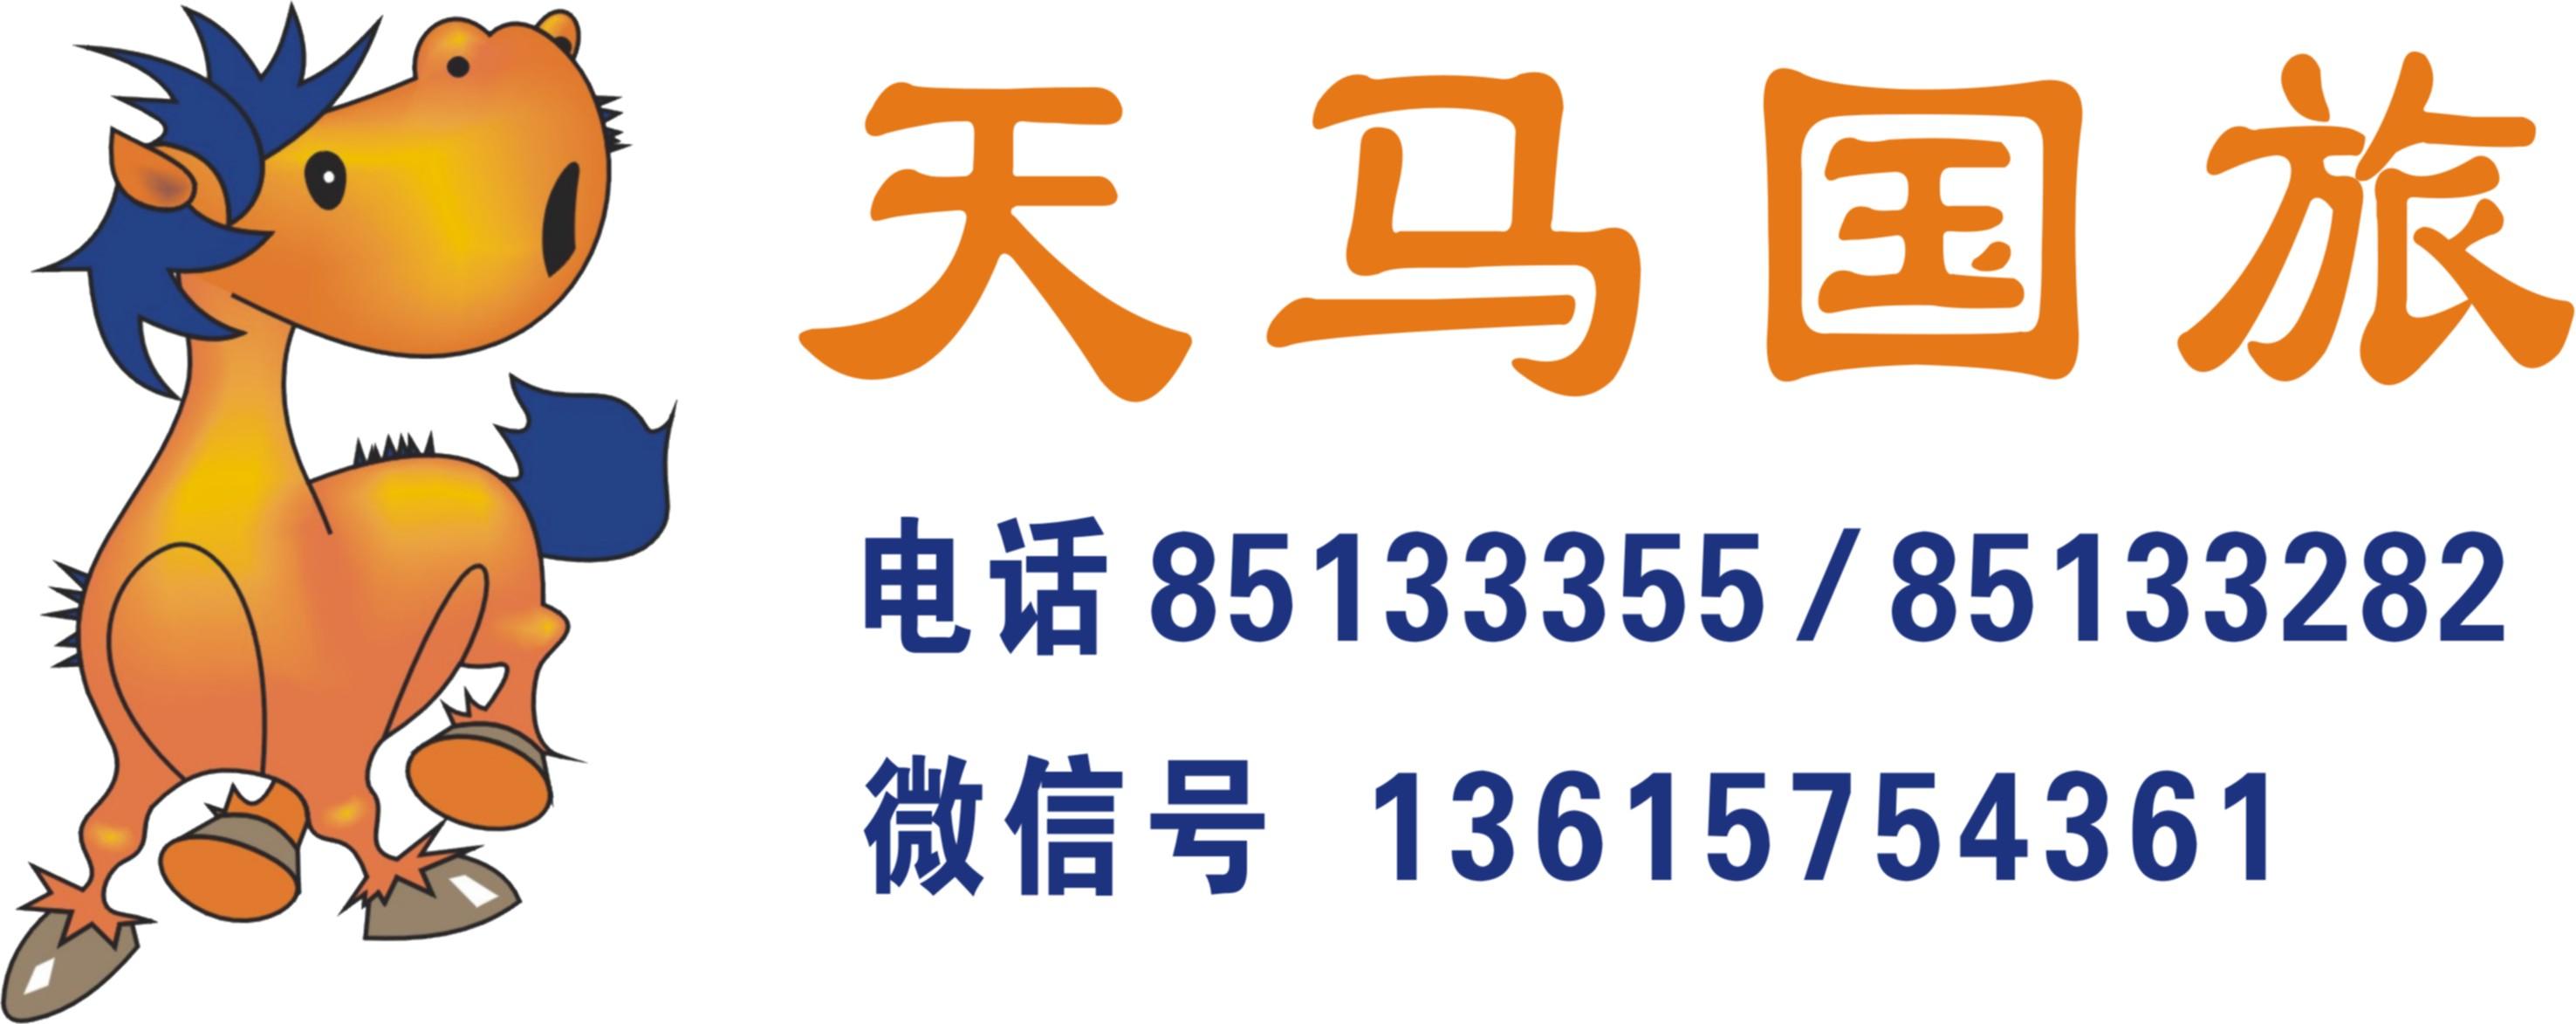 4.20【舟山沈园、普陀山祈福朝圣特价二日】特别安排皮皮虾宴